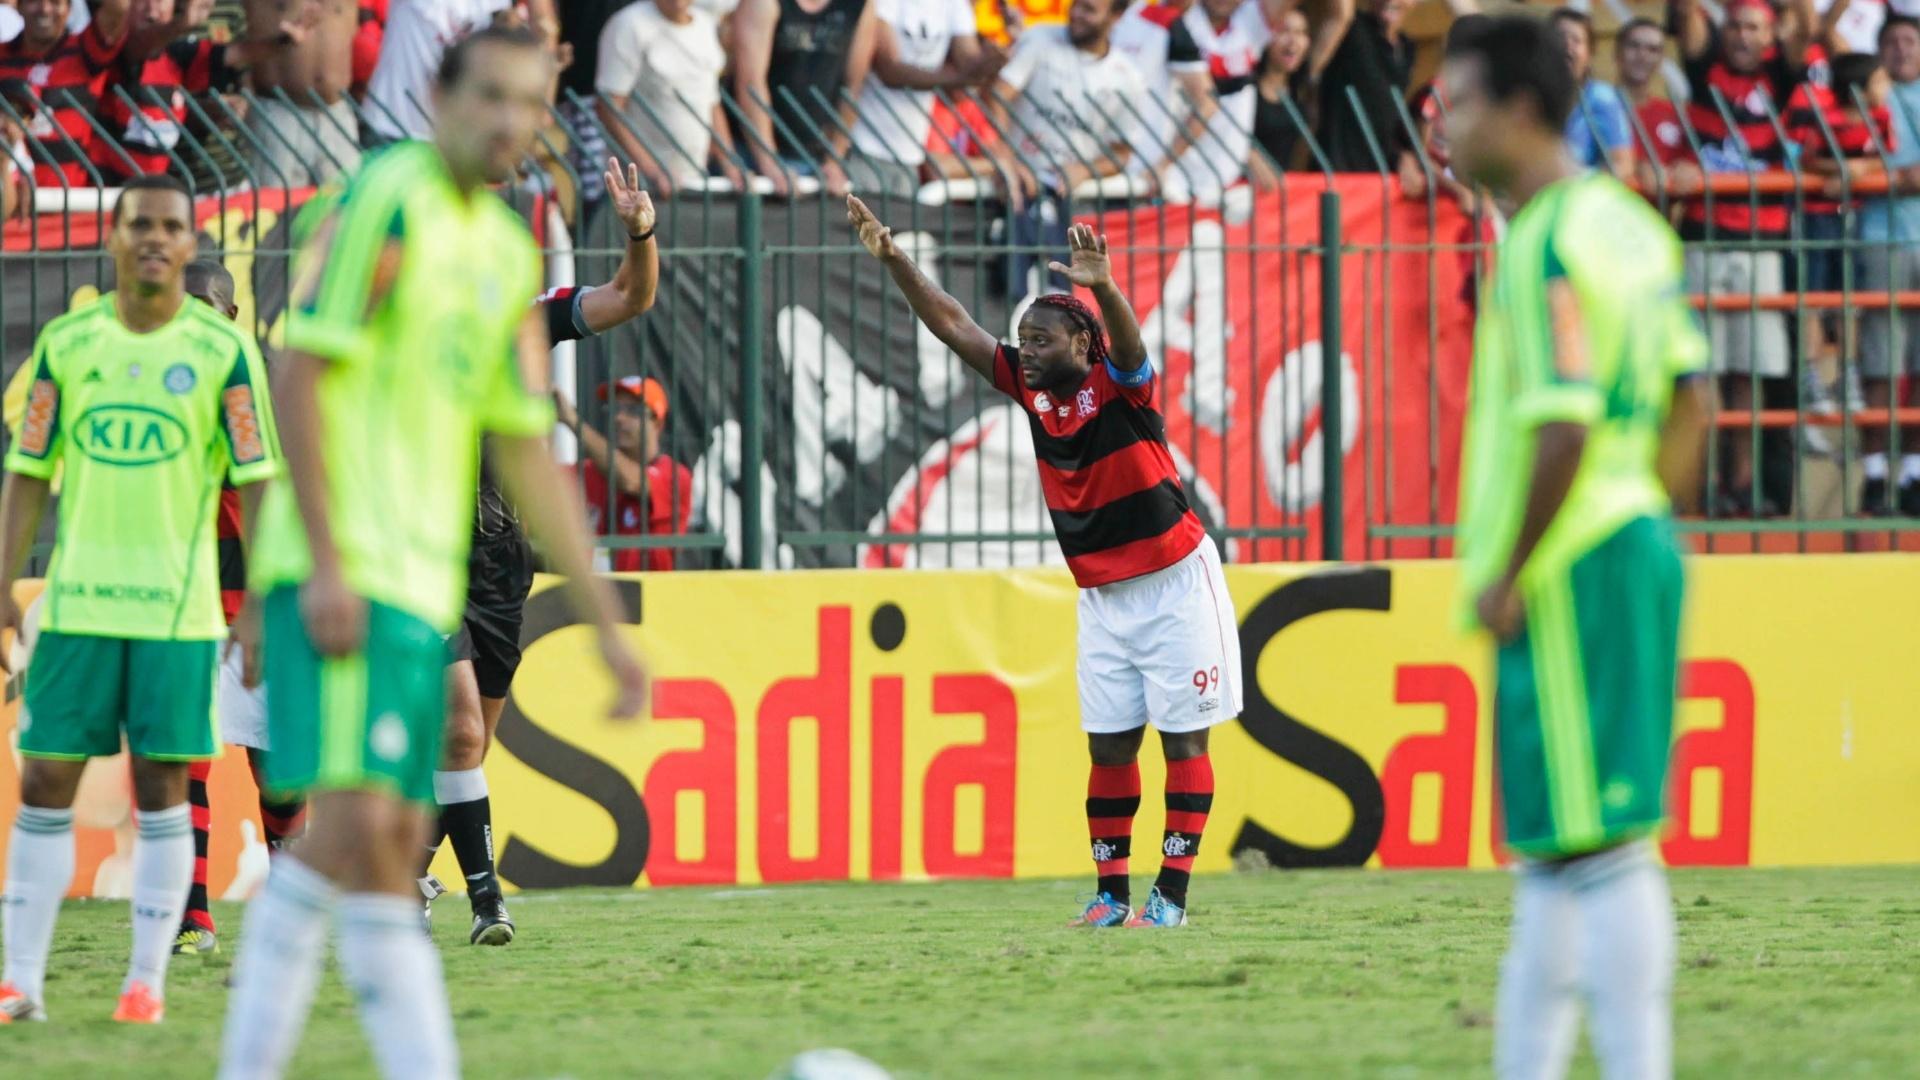 Vagner Love comemora com a torcida do Flamengo após marcar o gol de empate no duelo contra o Palmeiras